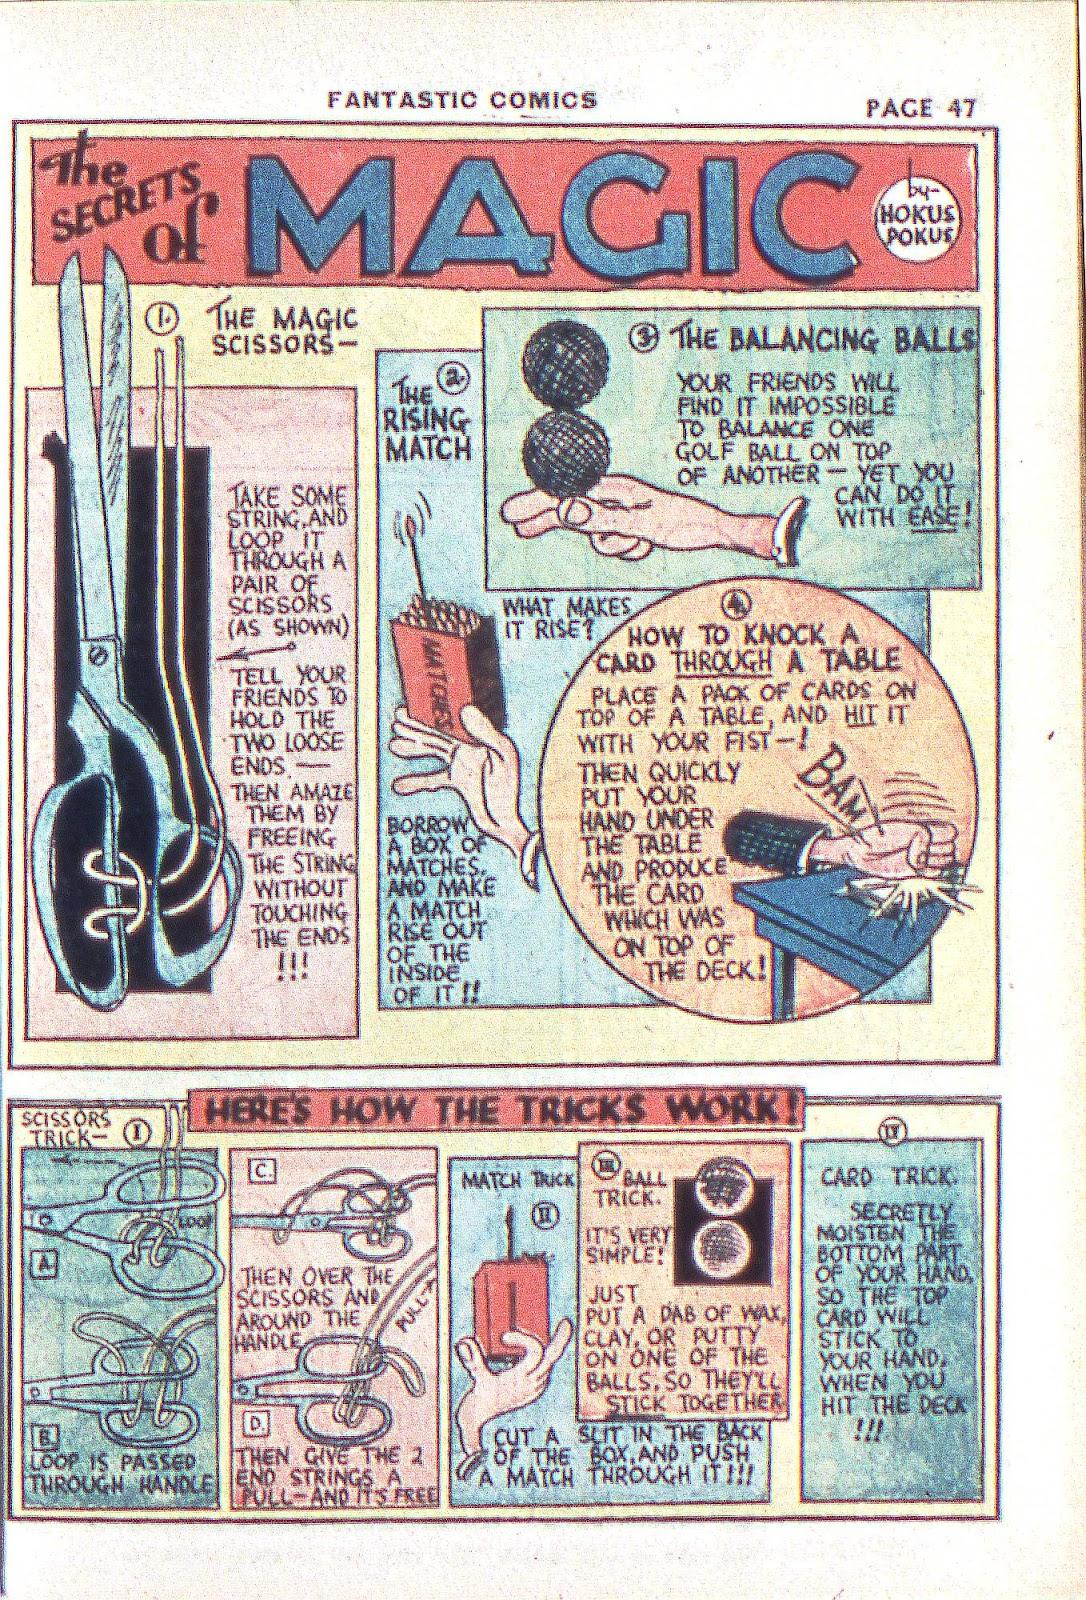 Read online Fantastic Comics comic -  Issue #3 - 49